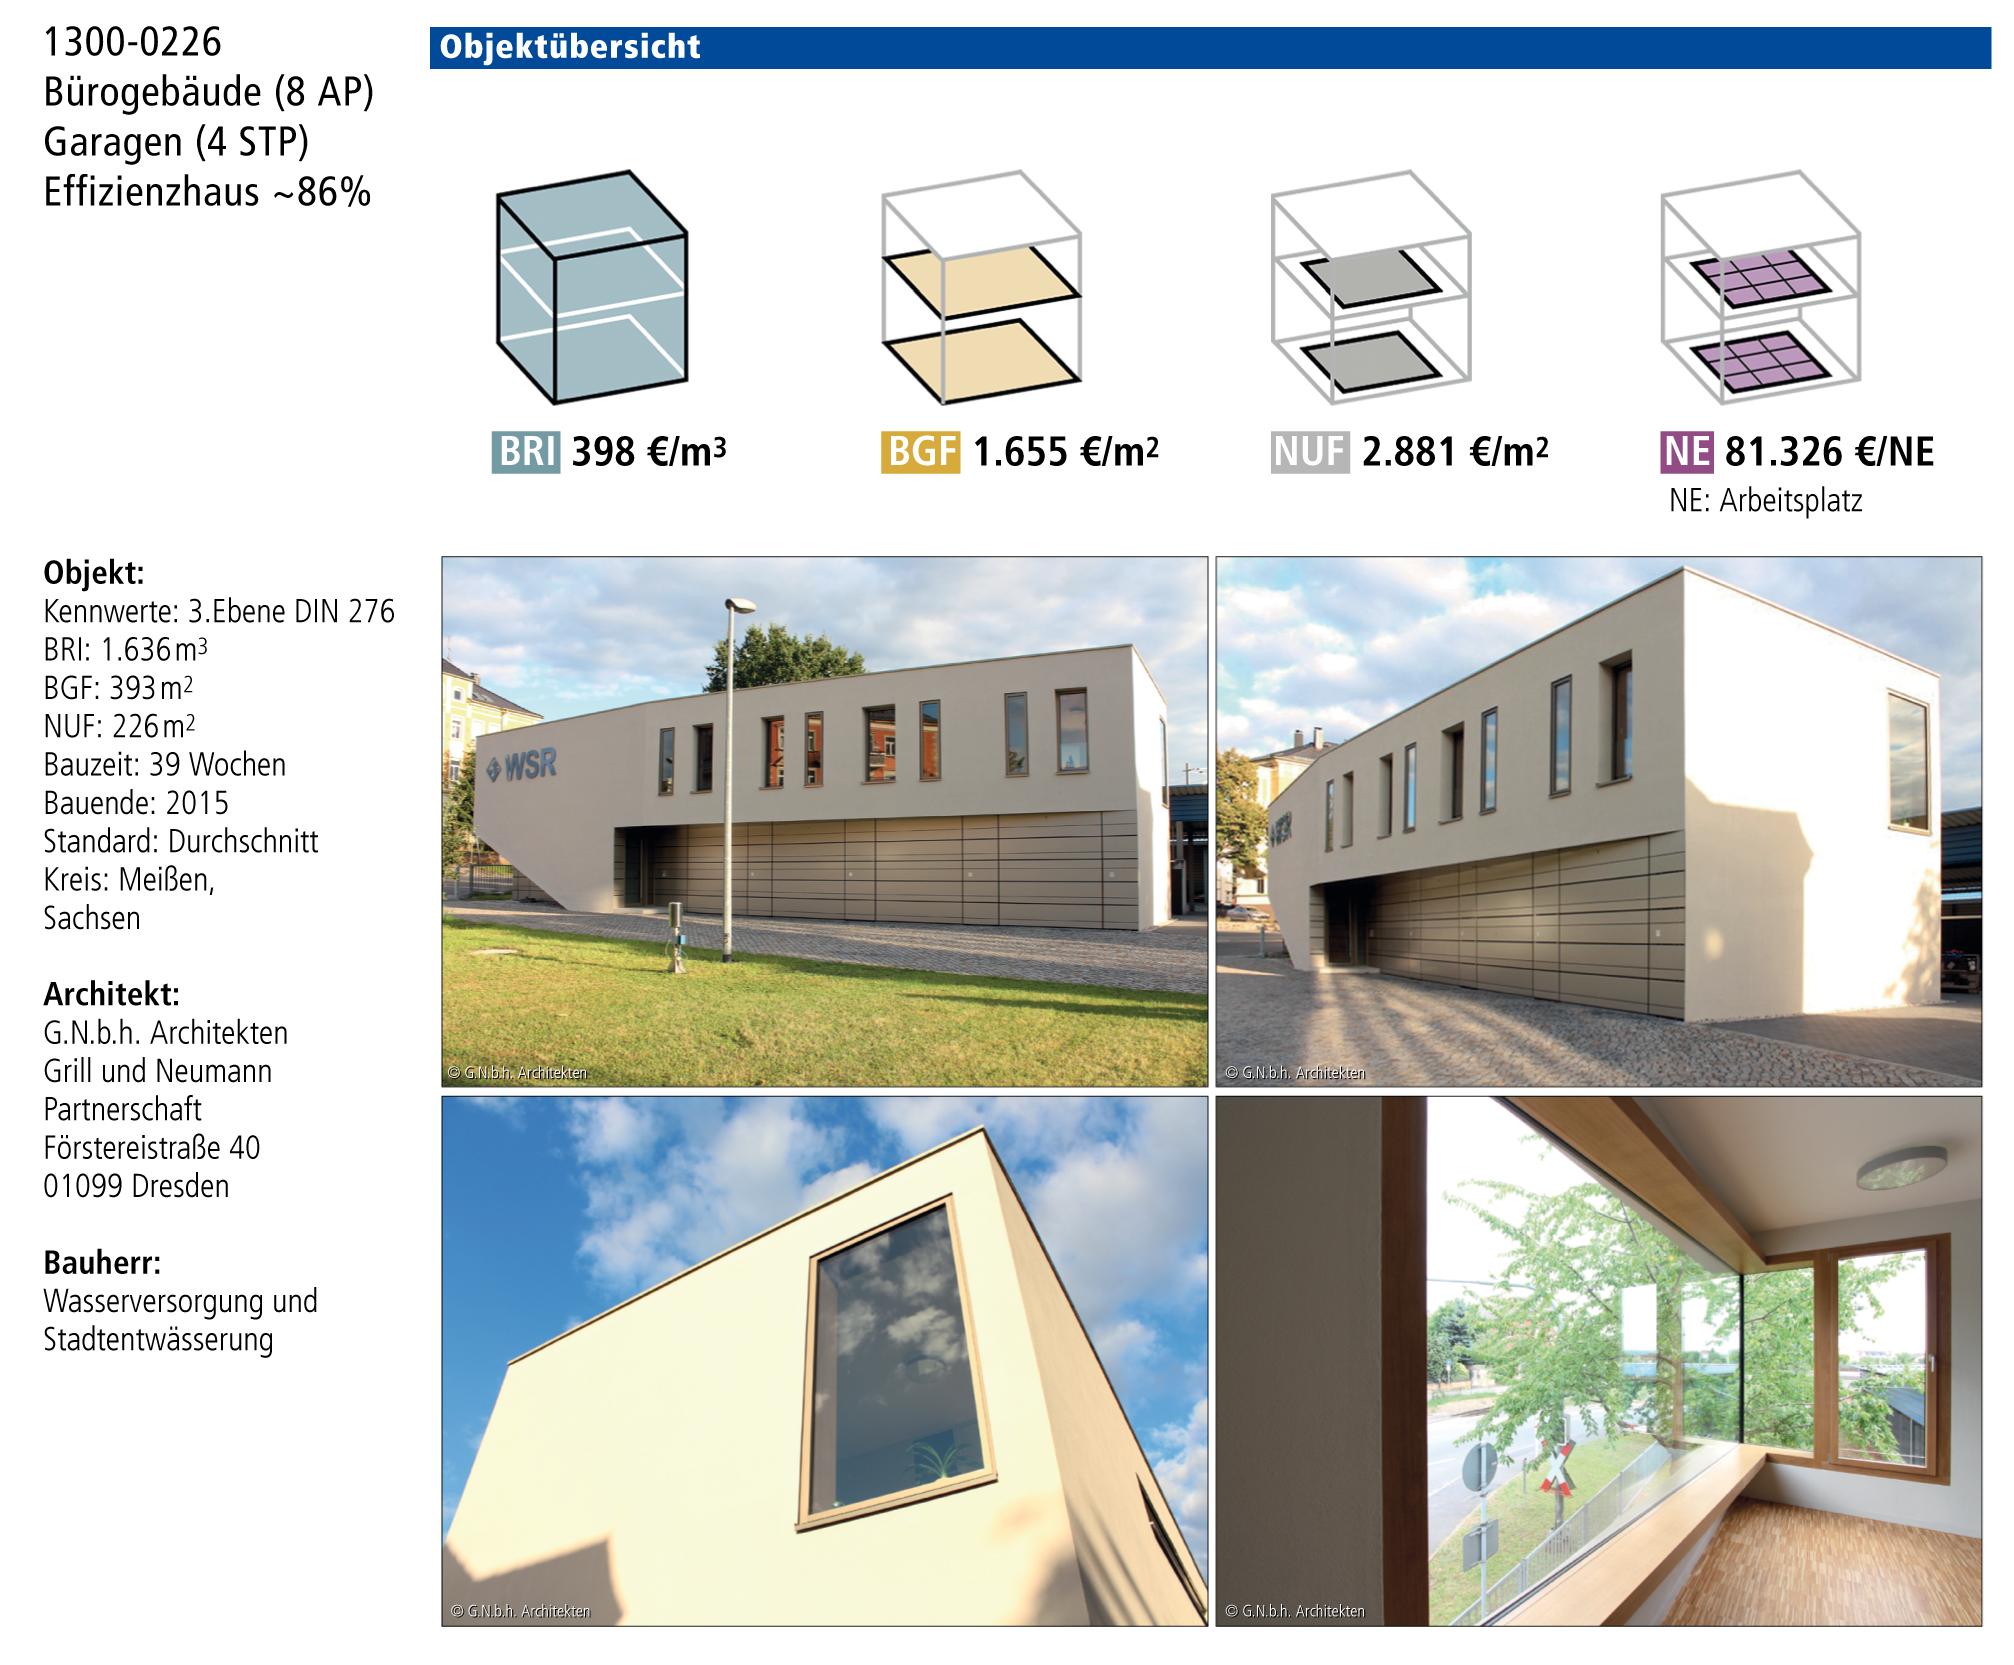 objektdaten energieeffizientes bauen e7 fachb cher fachliteratur schornsteinfeger verlag gmbh. Black Bedroom Furniture Sets. Home Design Ideas